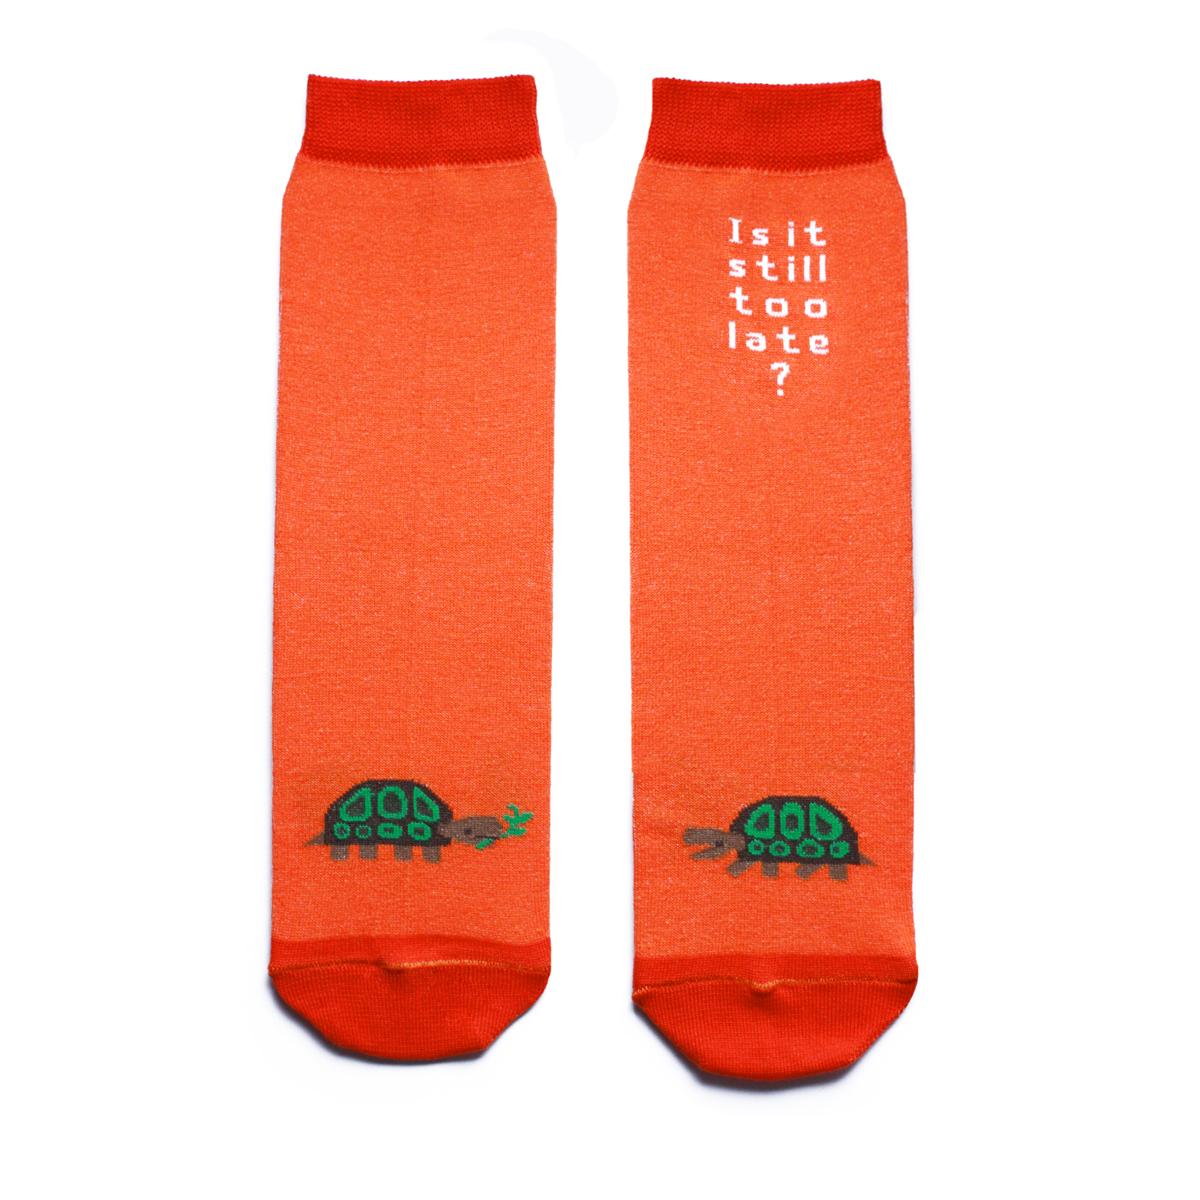 Носки женские. ca1523ca1523Яркие женские носки Big Bang Socks изготовлены из высококачественного хлопка с добавлением полиамидных и эластановых волокон, которые обеспечивают великолепную посадку. Носки отличаются ярким стильным дизайном. Они оформлены изображением черепахи и надписью на английском языке. Удобная резинка идеально облегает ногу и не пережимает сосуды, усиленные пятка и мысок повышают износоустойчивость носка, а удлиненный паголенок придает более эстетичный вид. Дизайнерские носки Big Bang Socks - яркая деталь в вашем образе и оригинальный подарок для друзей и близких.